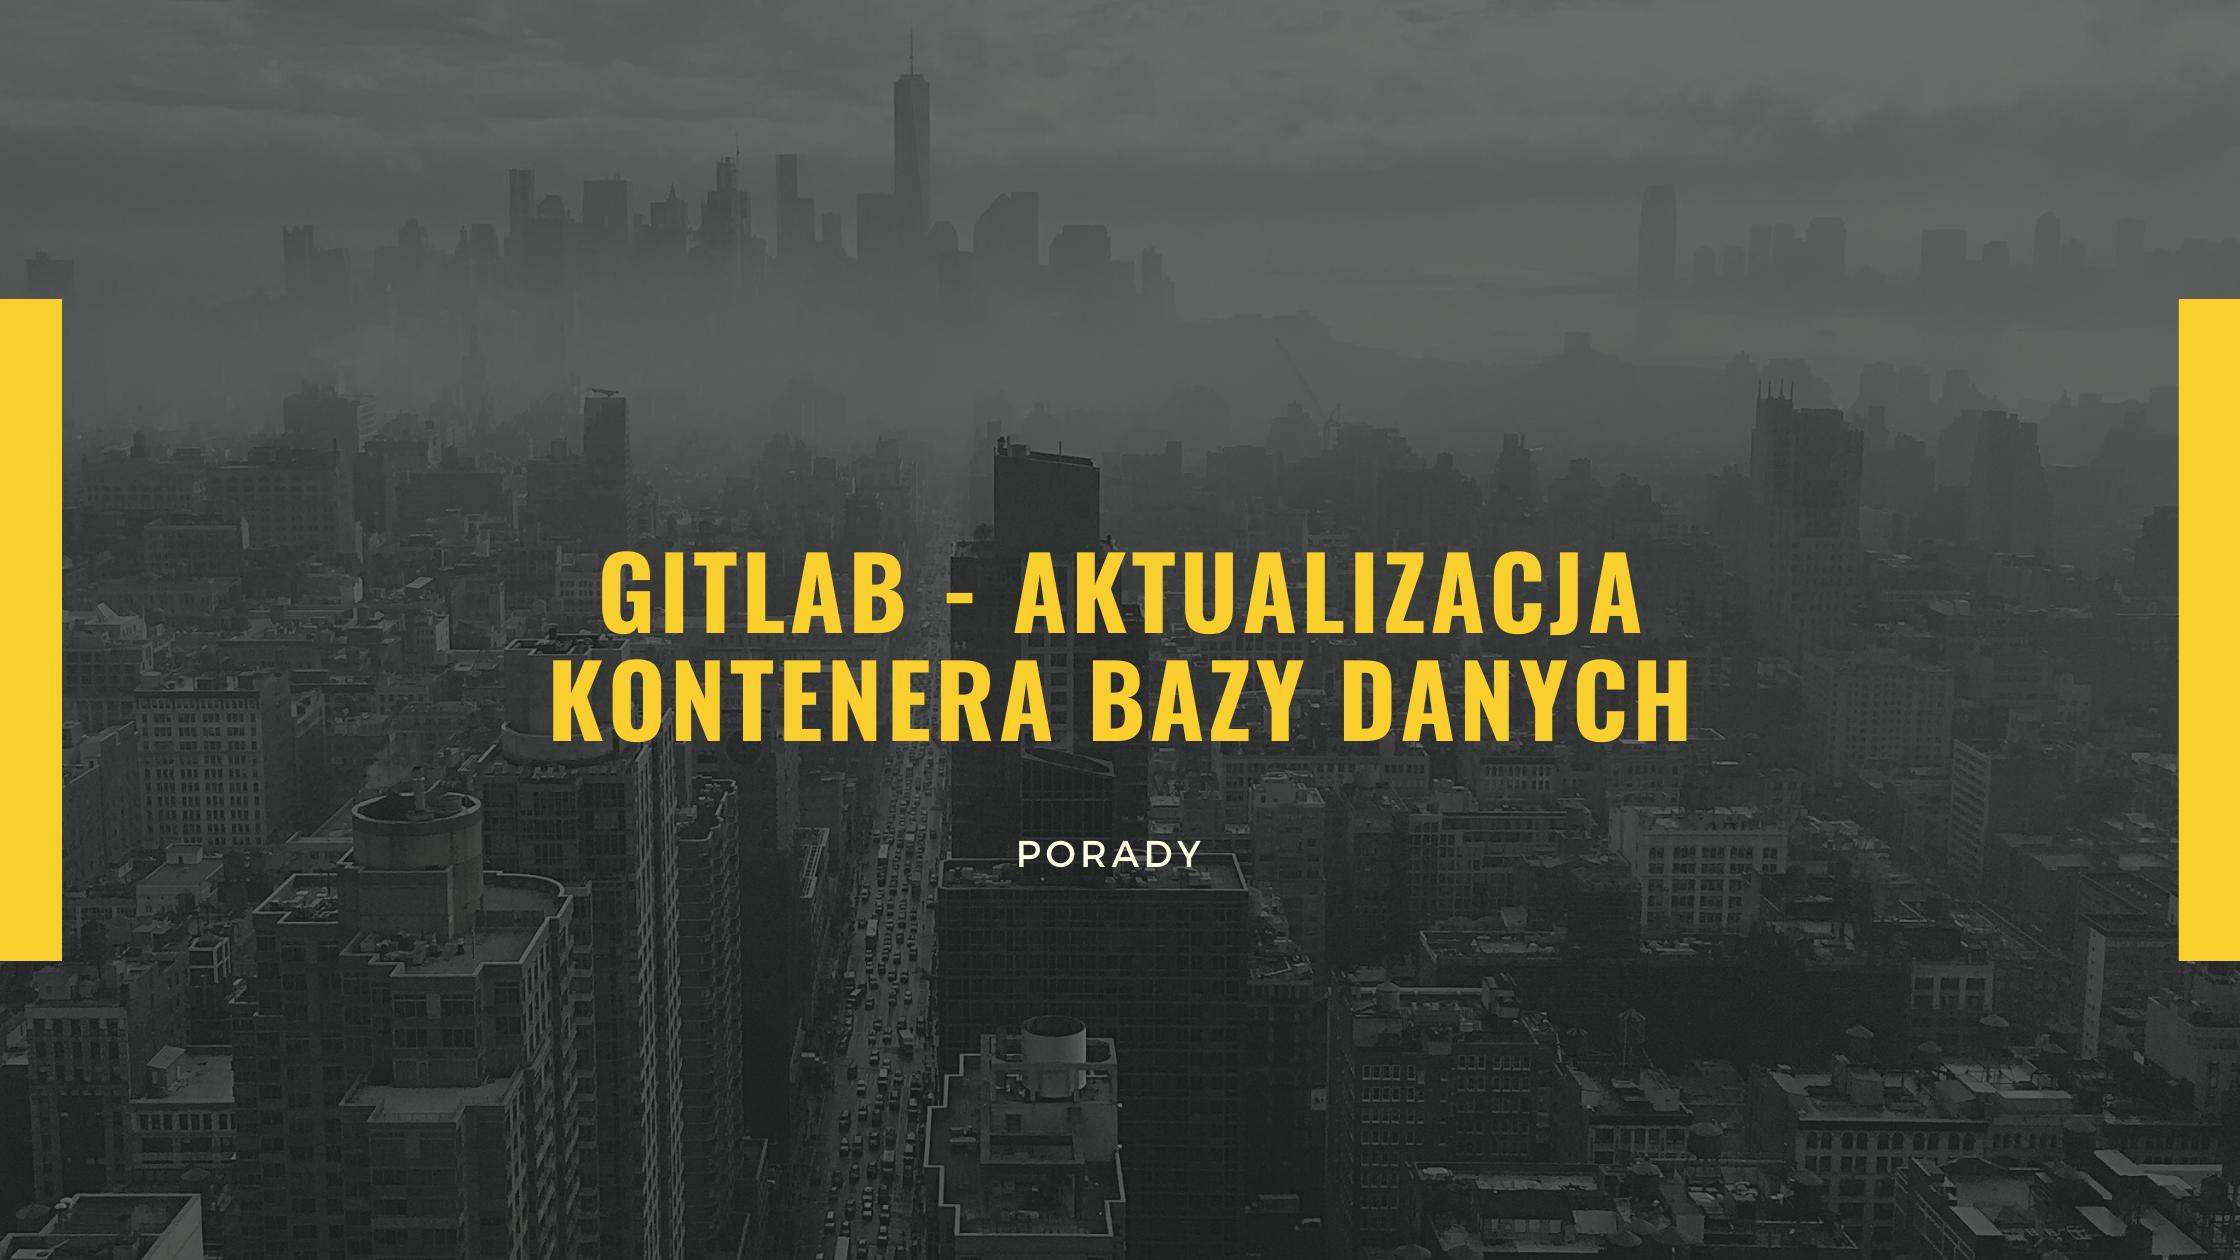 GitLab - aktualizacja kontenera bazy danych